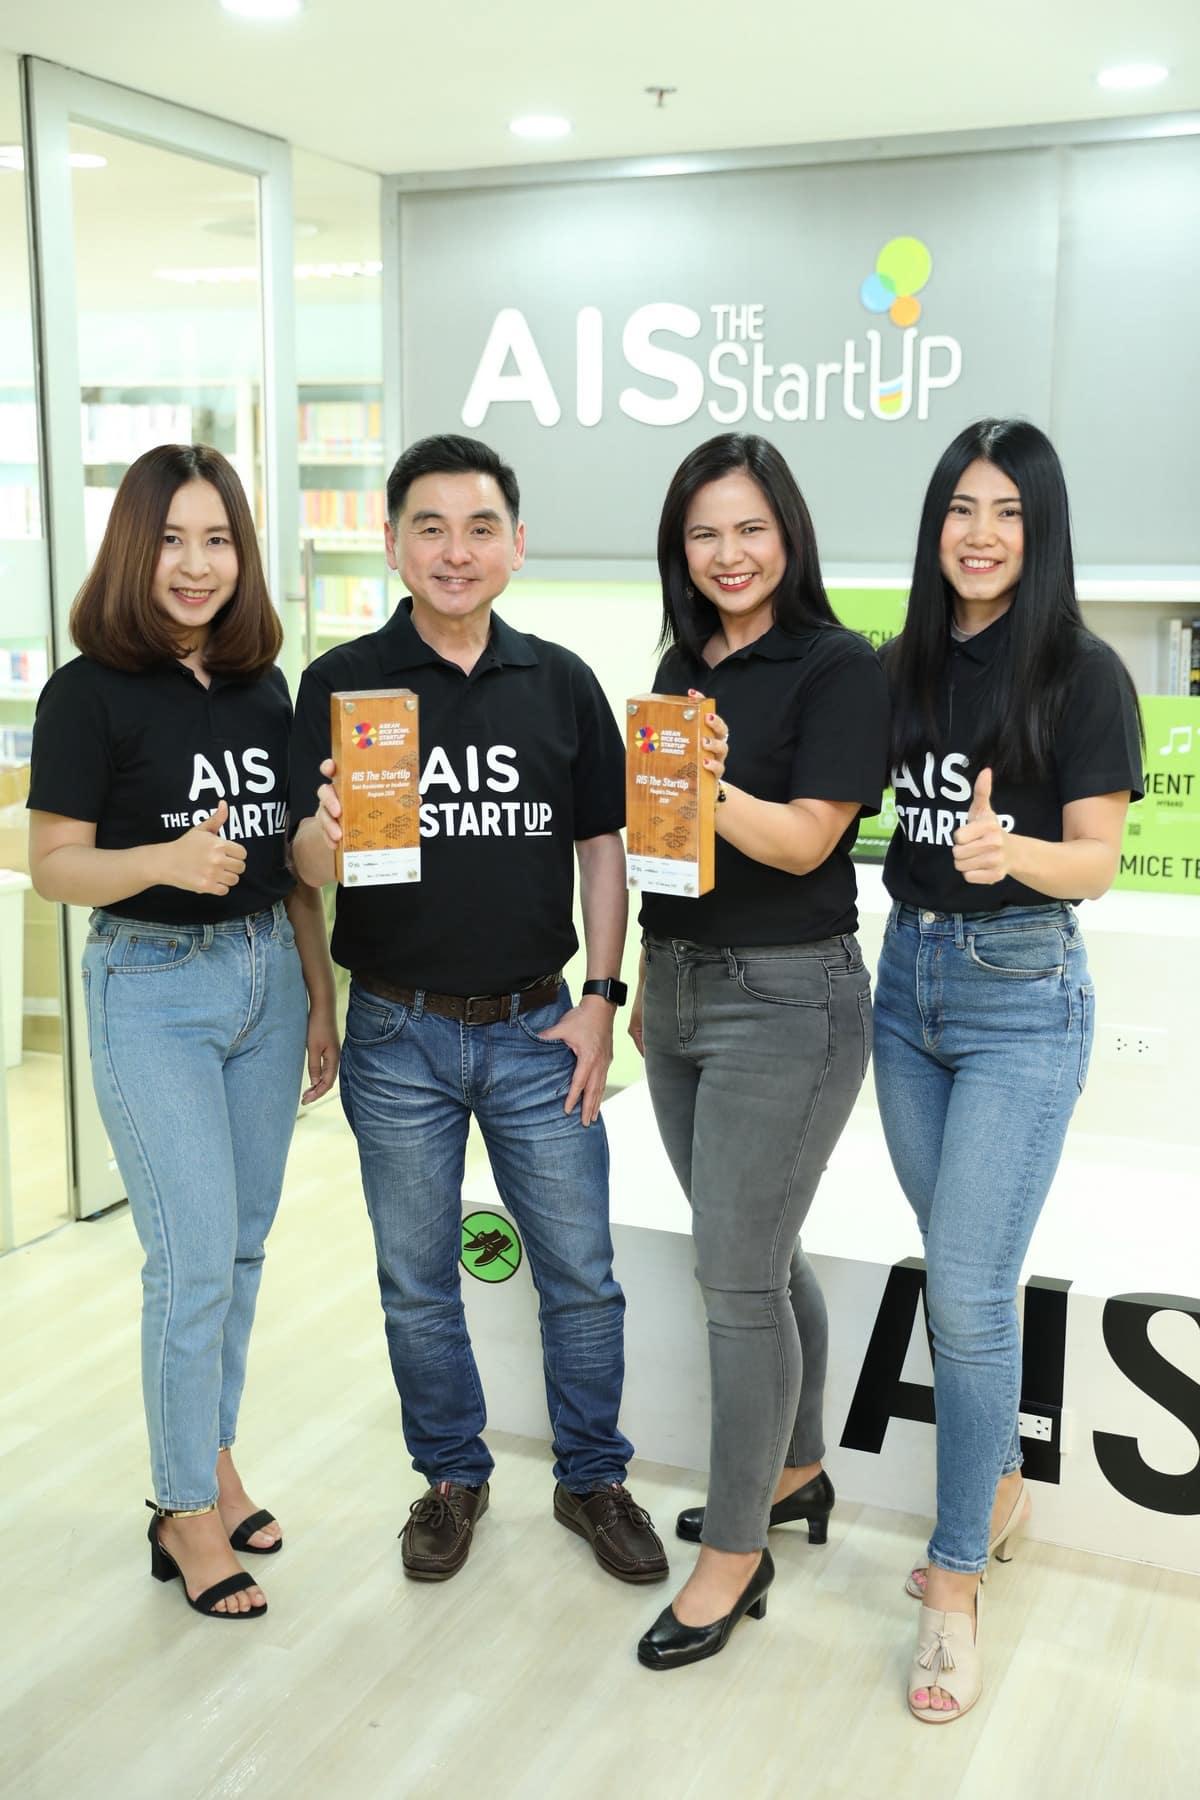 รูป ASEAN AIS The StartUp 00003 ประกอบเนื้อหา AIS คว้าอีก 2 รางวัล บนเวทีระดับ ASEAN จากโครงการ AIS The StartUp